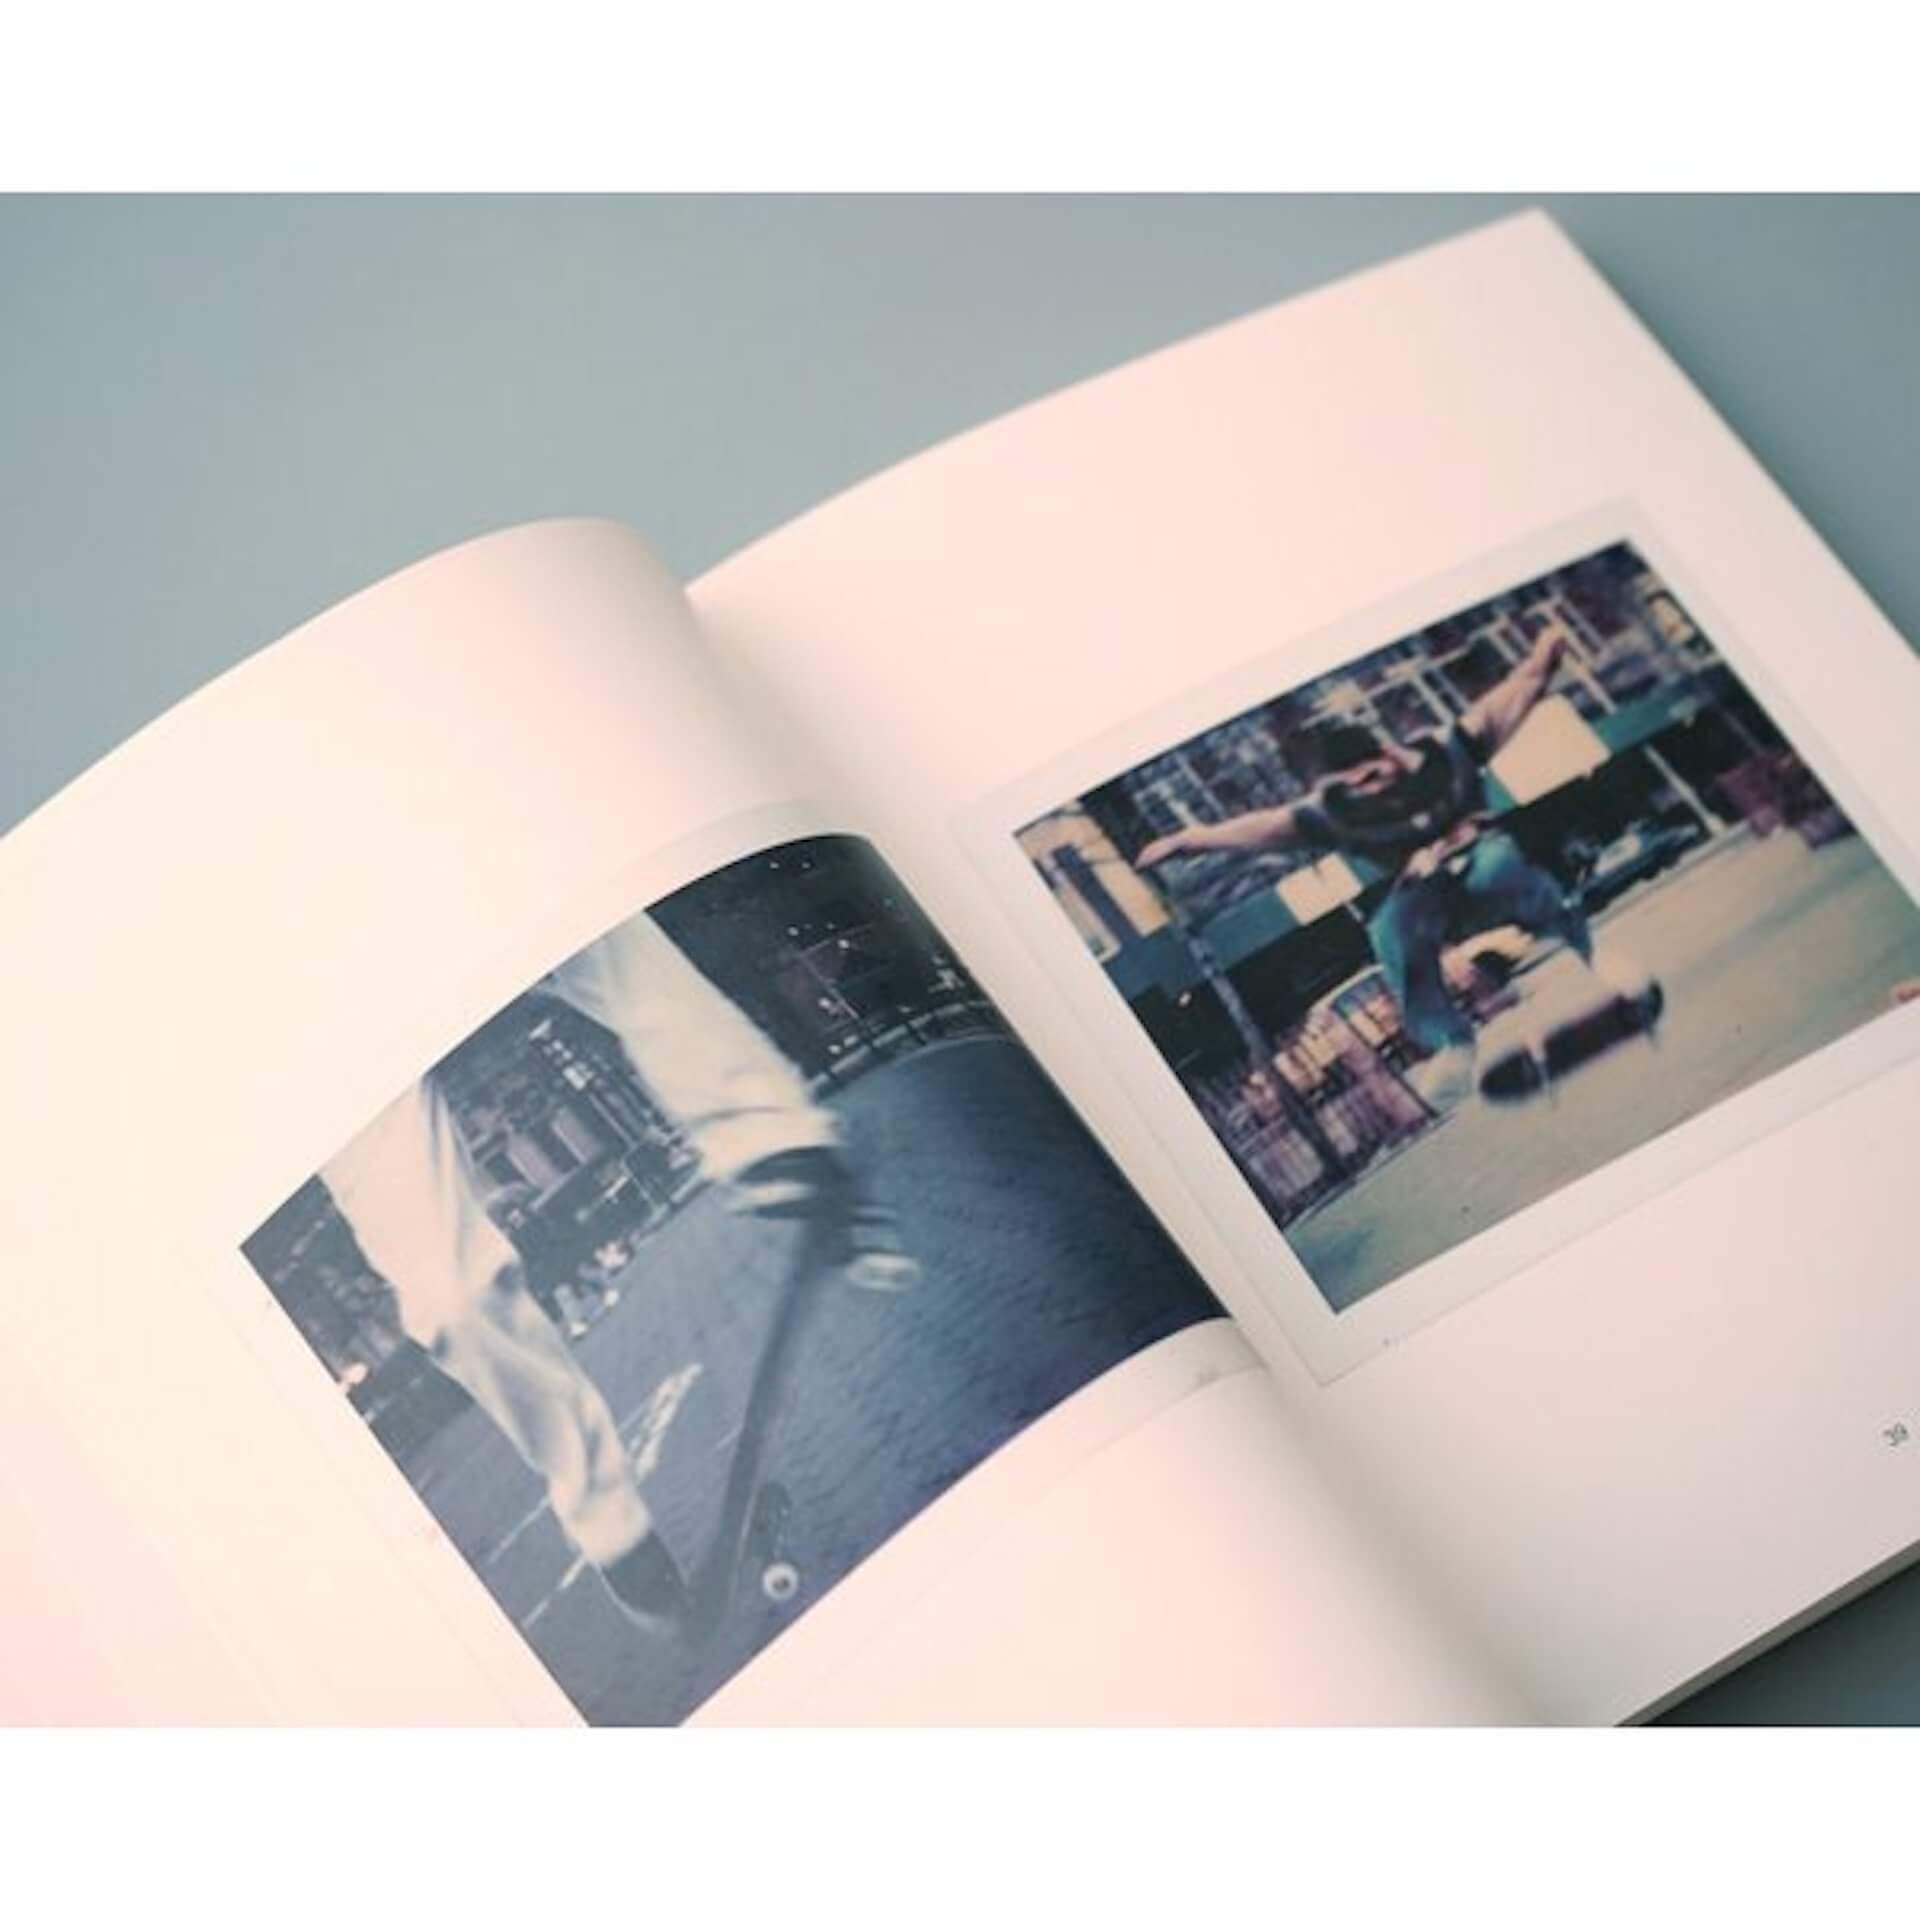 アートブックノススメ Qetic編集部が選ぶ5冊/Davide Sorrenti 他 art210322_artbook-014